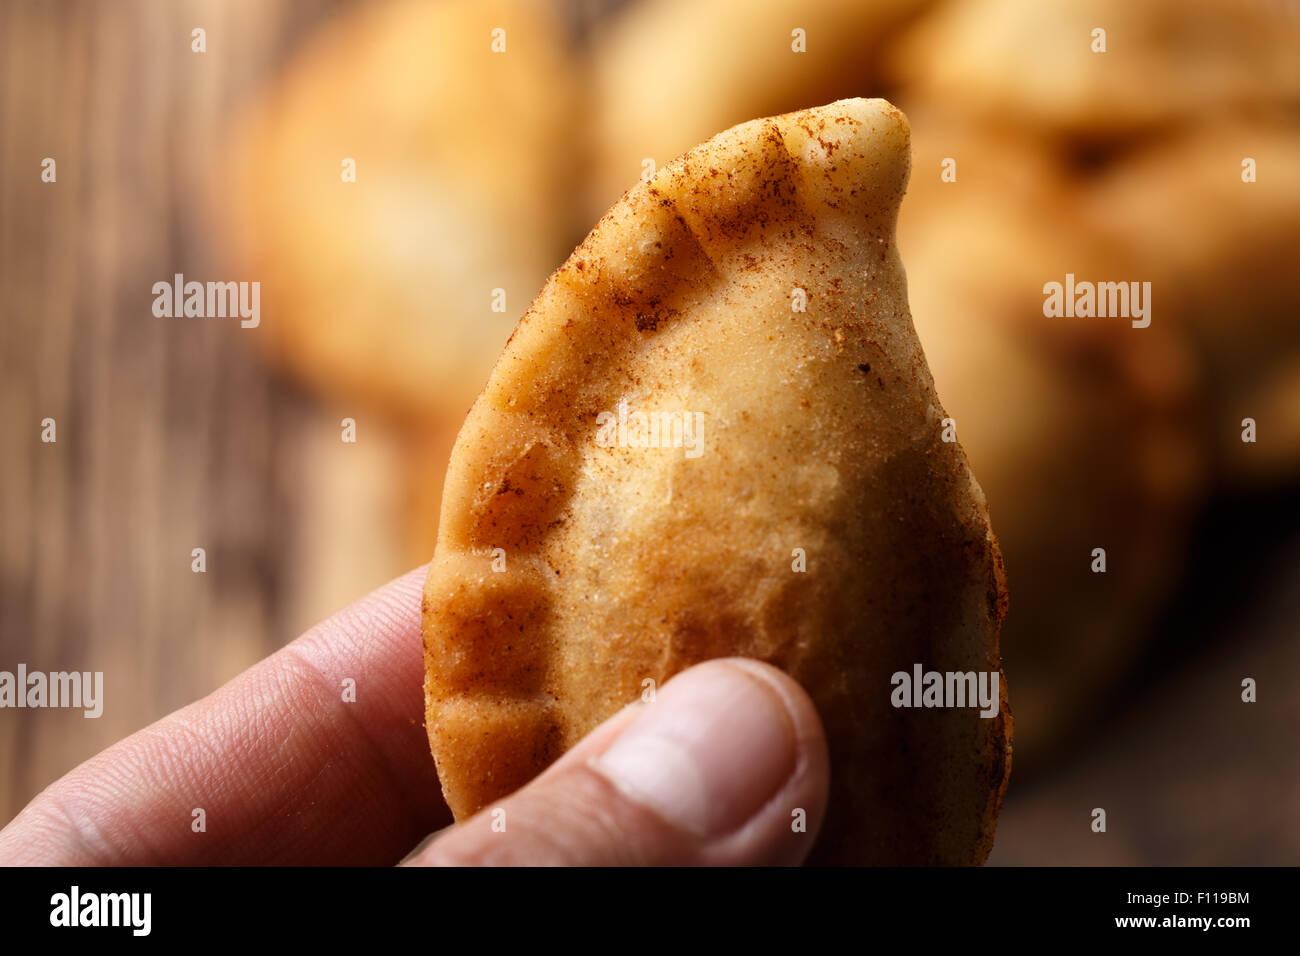 Männliche Hand mit gebratenen kolumbianische Empanada. Herzhafte gefüllte Pasteten, auch bekannt als Pastell, Stockbild